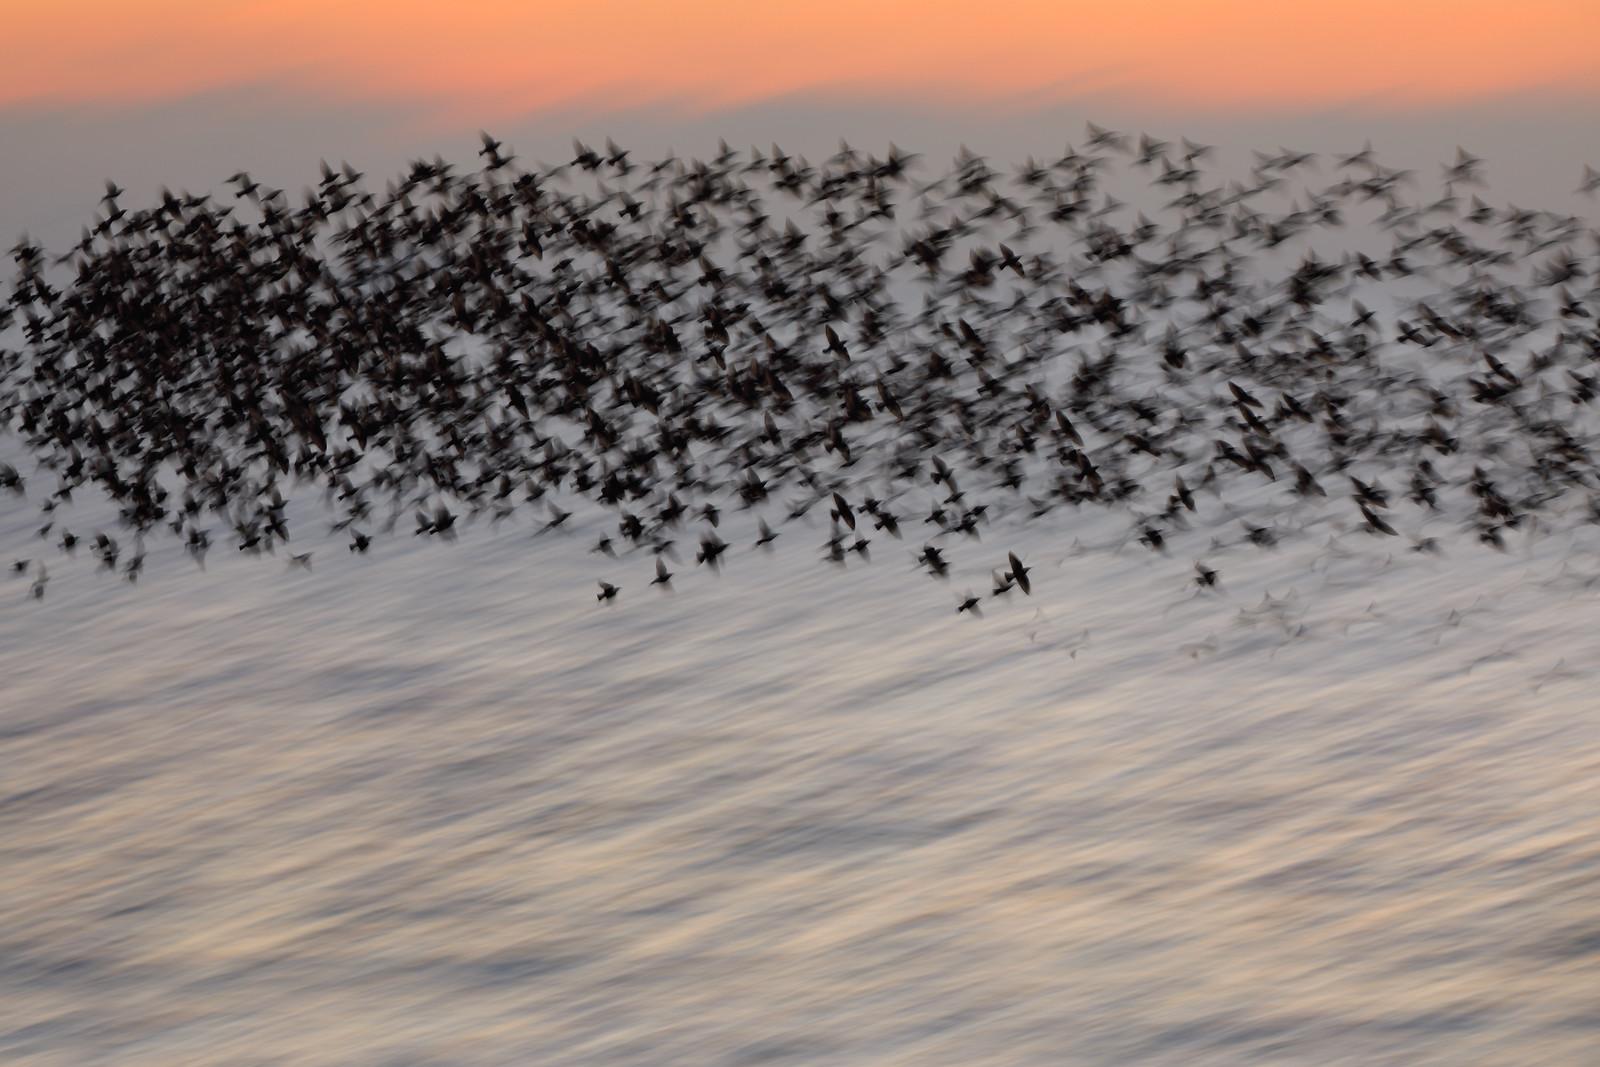 Long starling murmuration